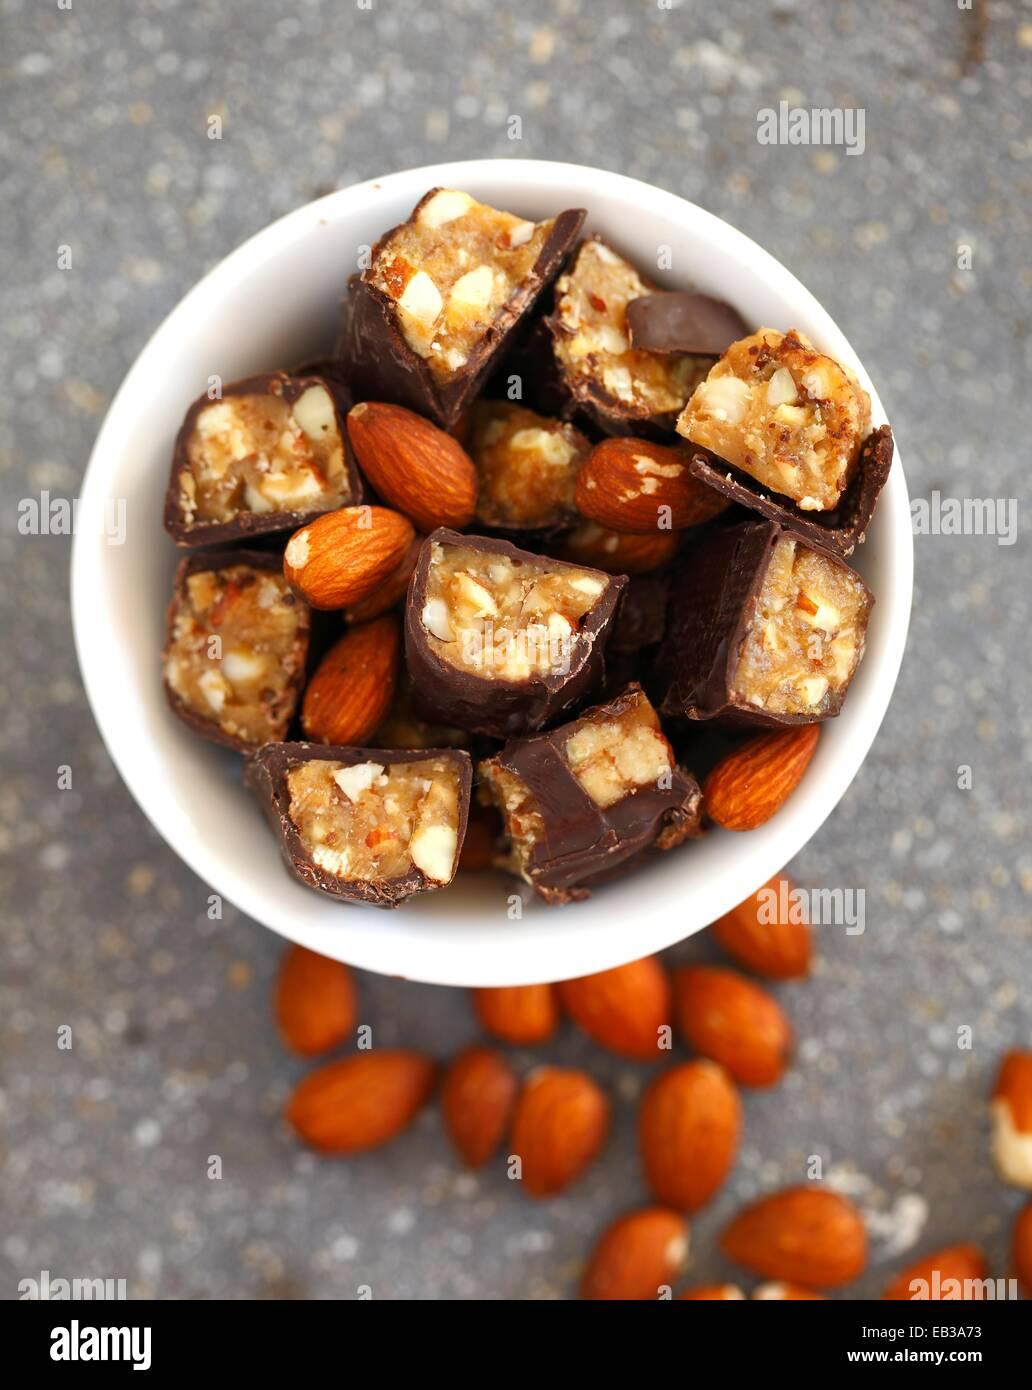 Schokolade Schokoriegel in Stücke gemischt mit ganzen Mandeln in weißem Porzellanschüssel schneiden Stockbild